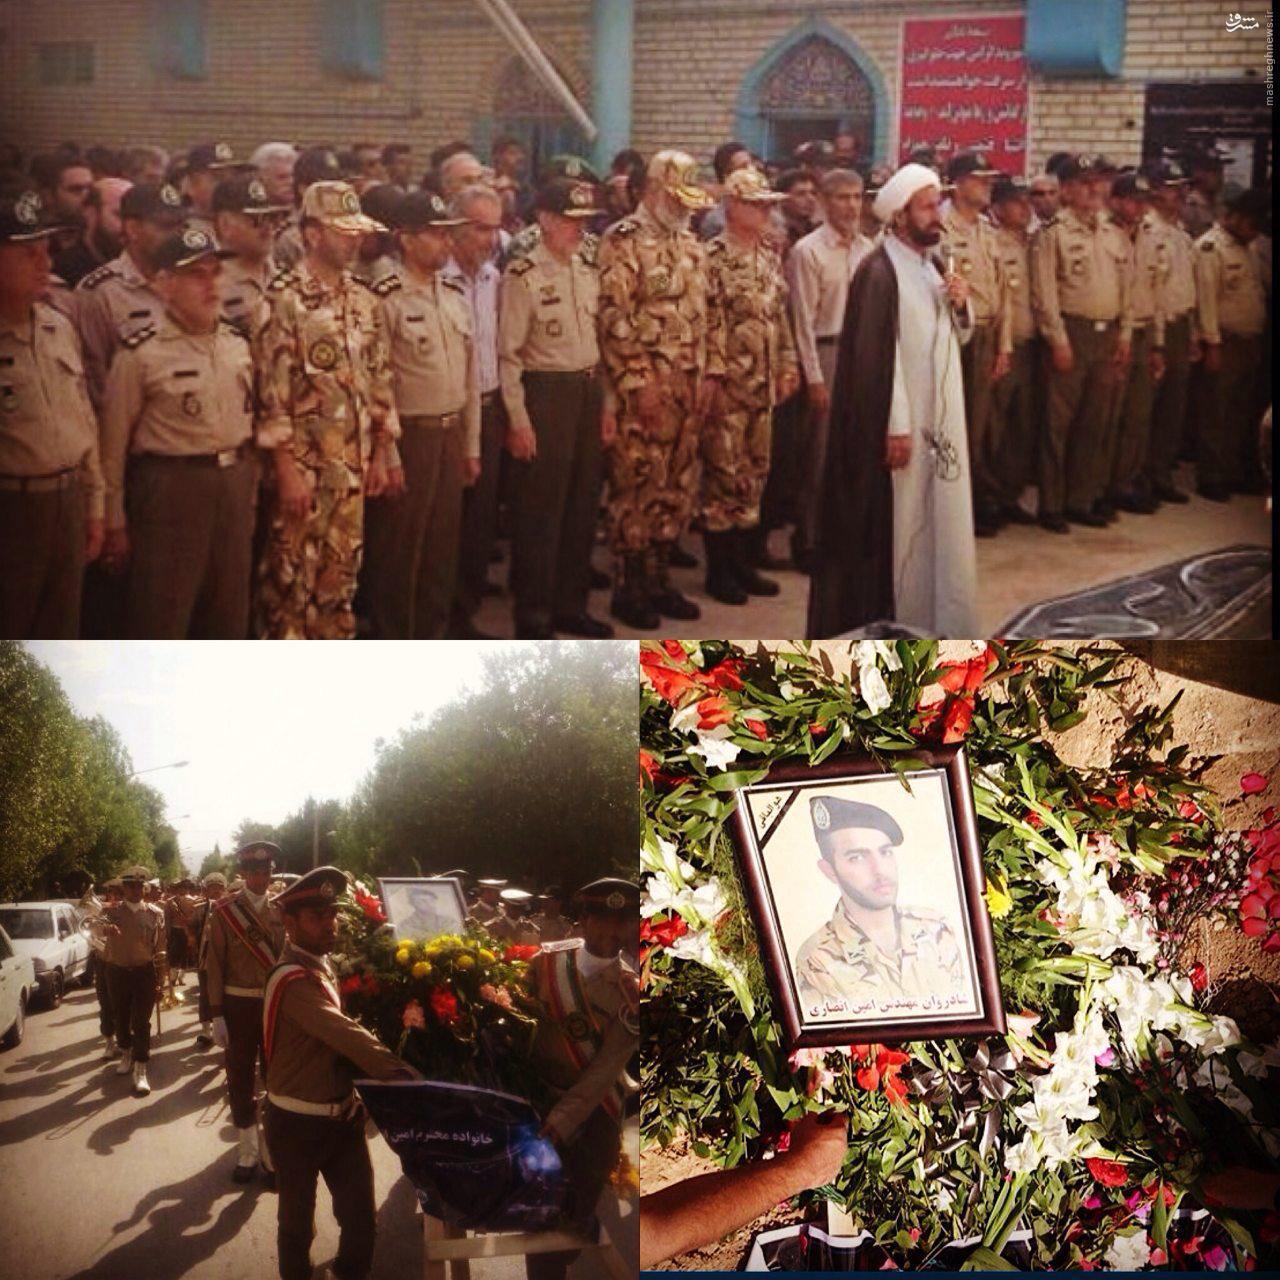 عکس/ تشییع پیکر امین انصاری از جان باختگان حادثه اتوبوس سربازان